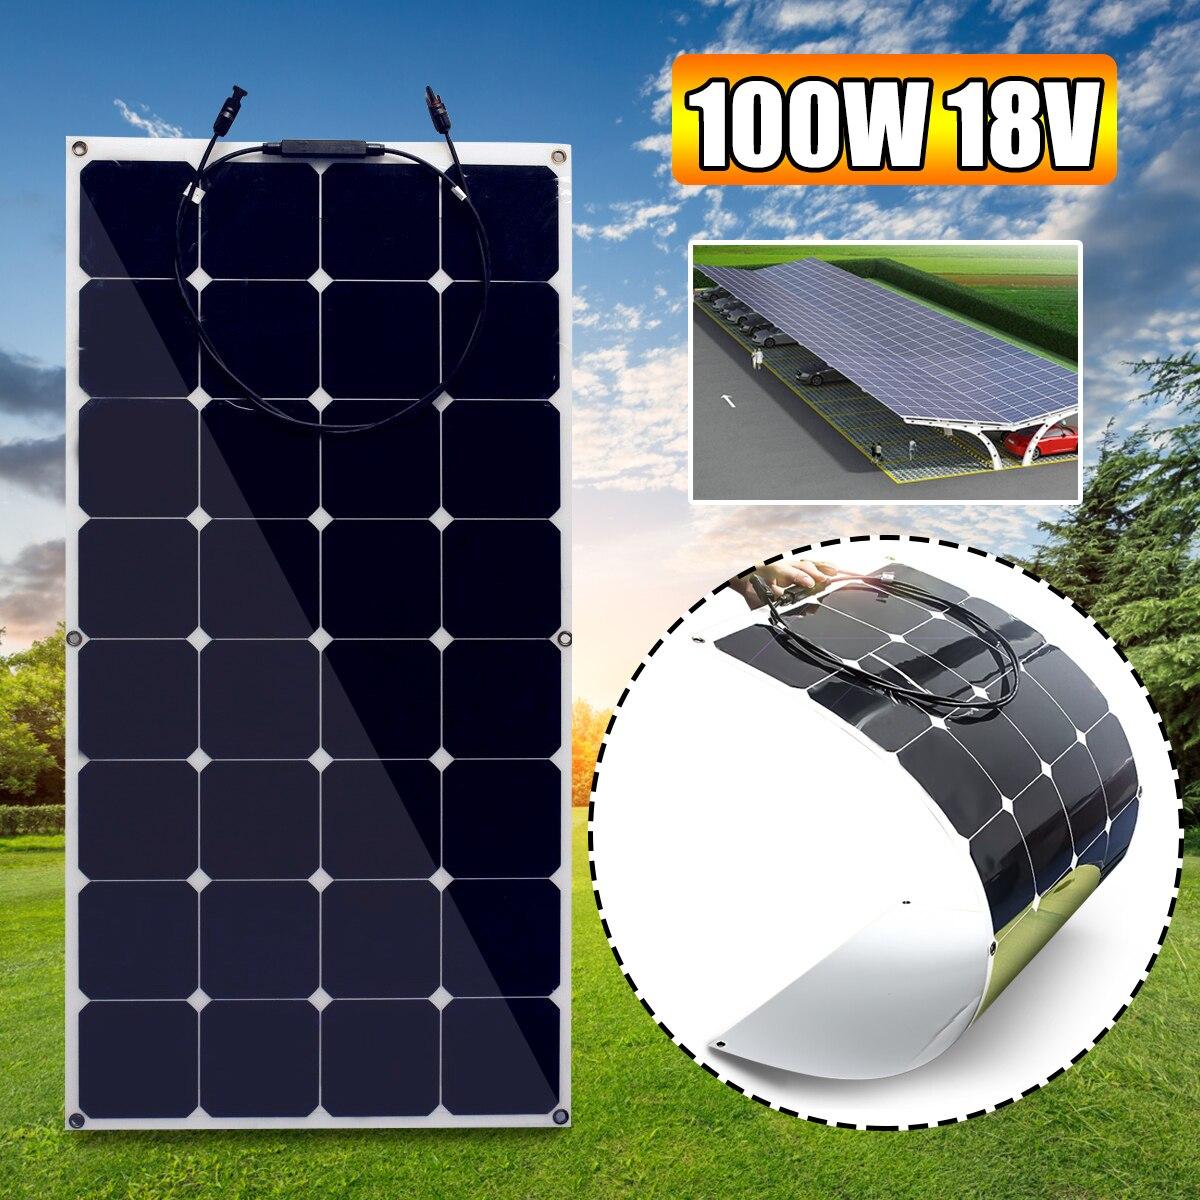 100W Flexible Solar Panel Plate 18V 100W Solar Charger For Car Battery 12V Sunpower Monocrystalline Silicon Cells Module Kit 100w 18v flexible monocrystalline silicon solar panel pv quality power 12v battery